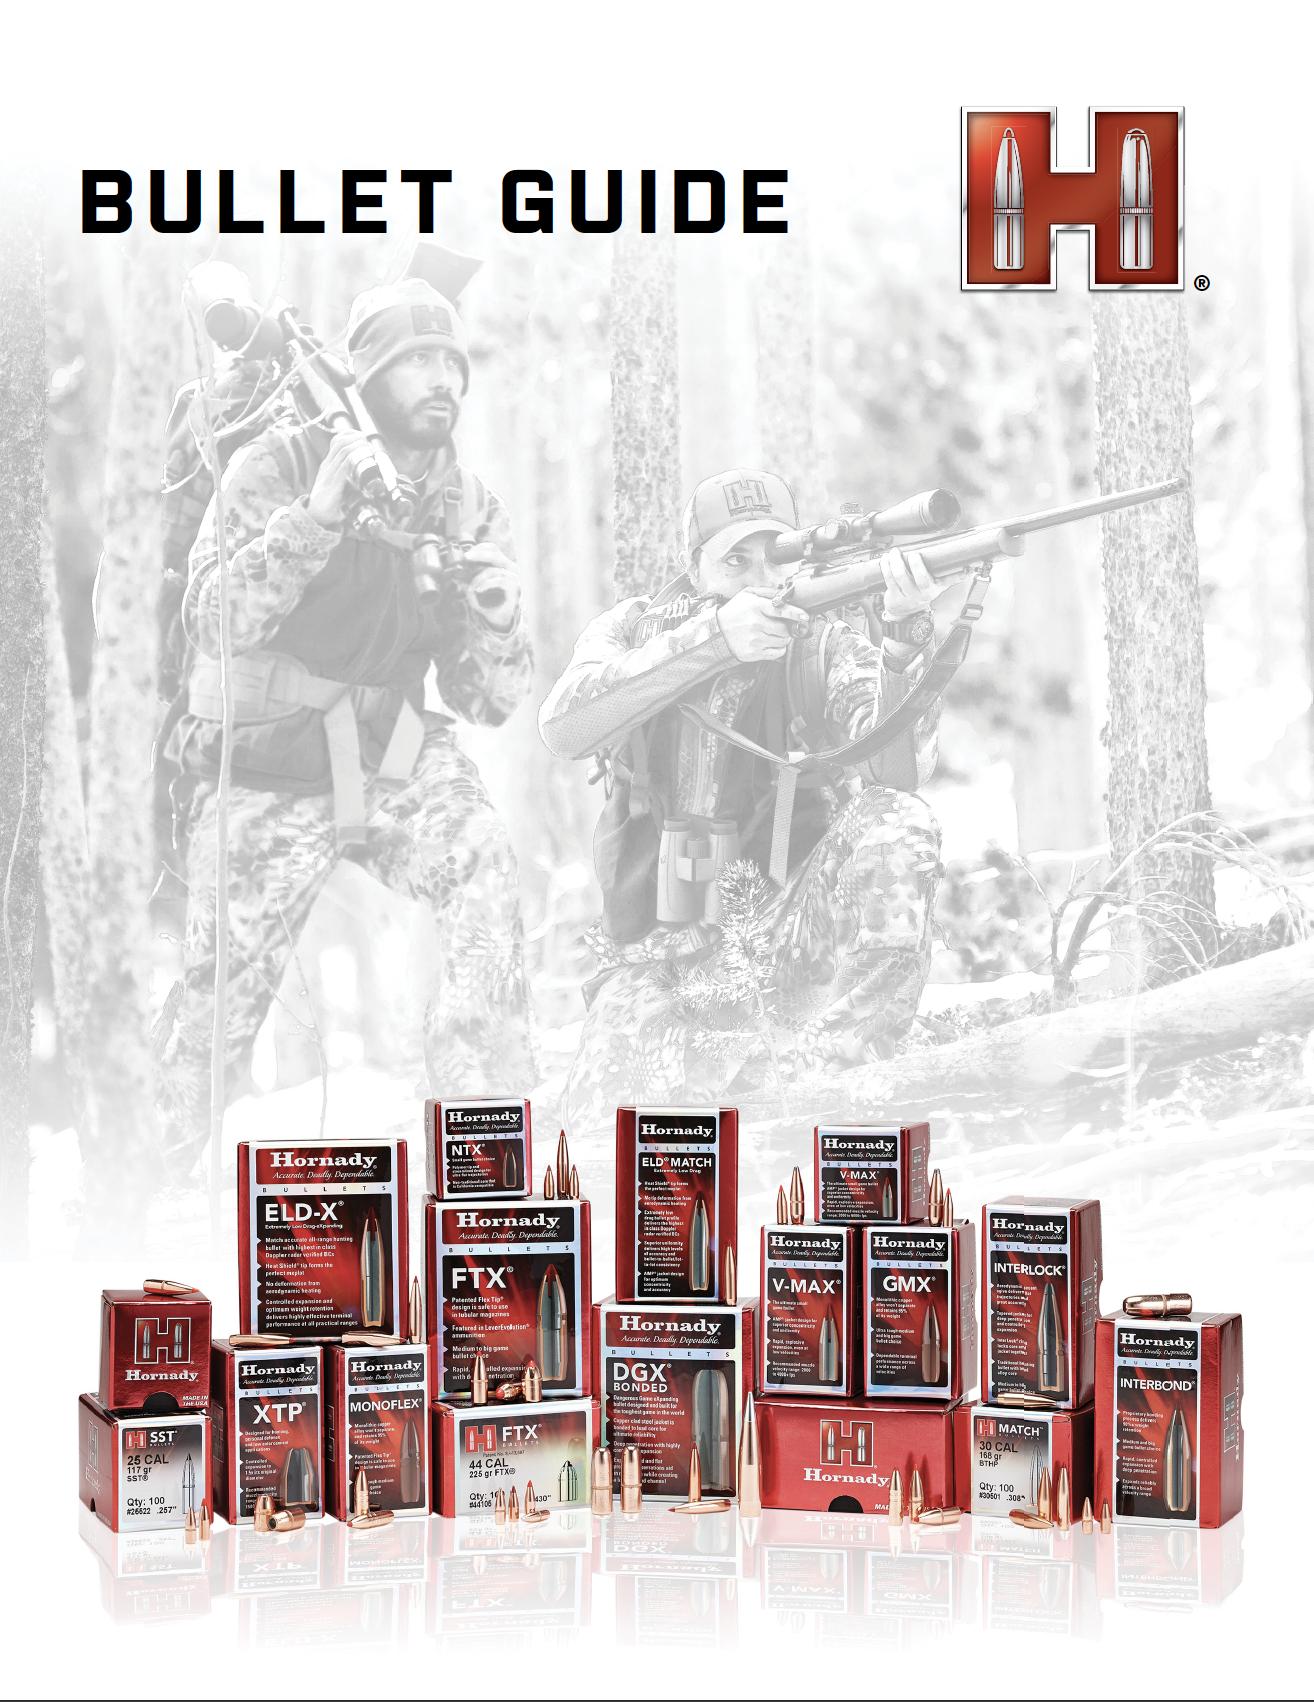 Bullet Guide